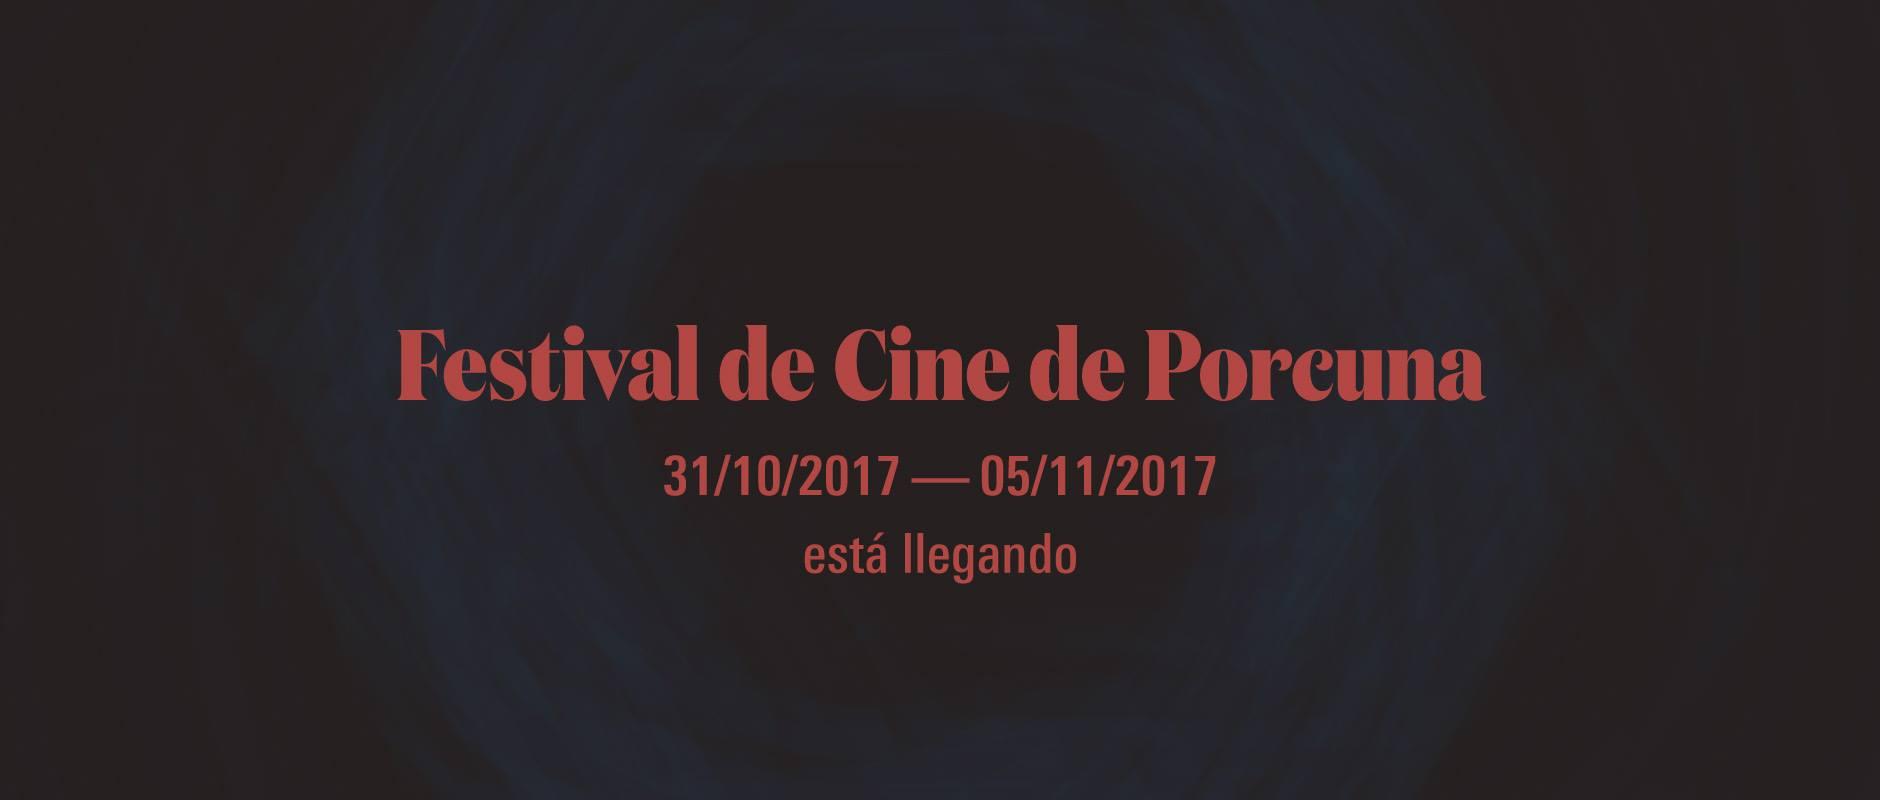 Festival de Porcuna